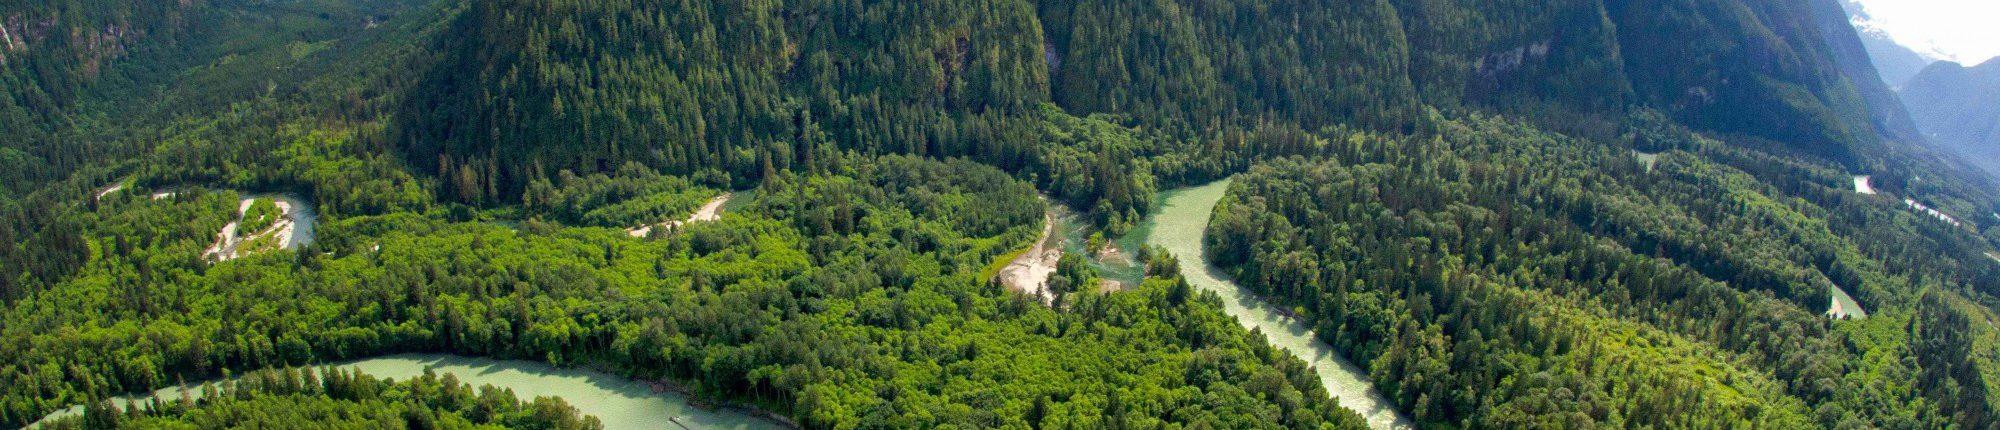 001_Im Toba Valley befindet sich der unitrans Hauptvogel Wald 2014